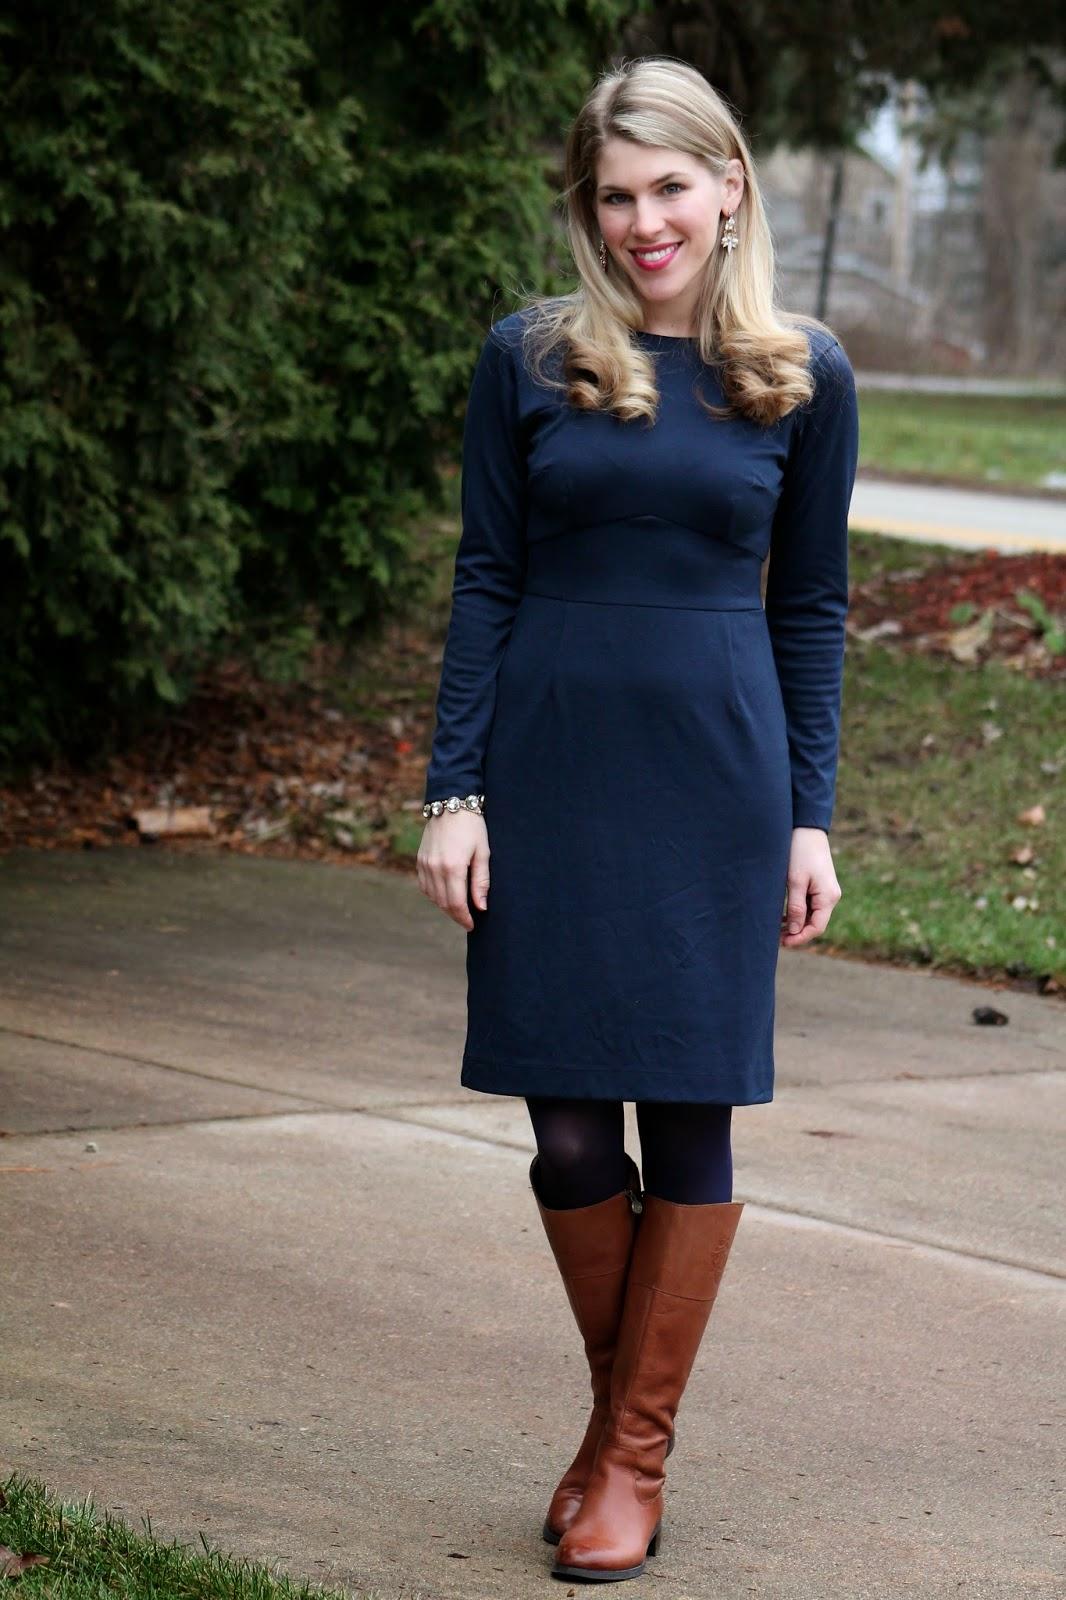 I do deClaire: Confident Twosday: Navy Dress